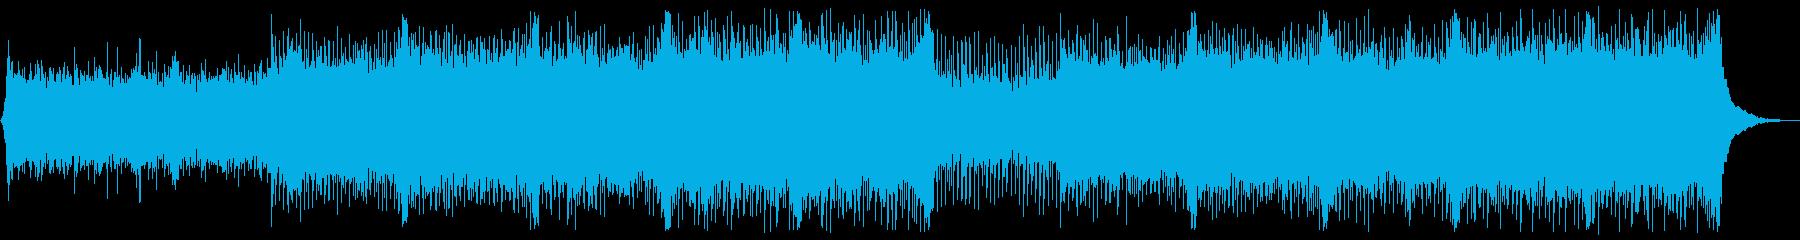 企業VP系104、爽やかギター4つ打ちaの再生済みの波形